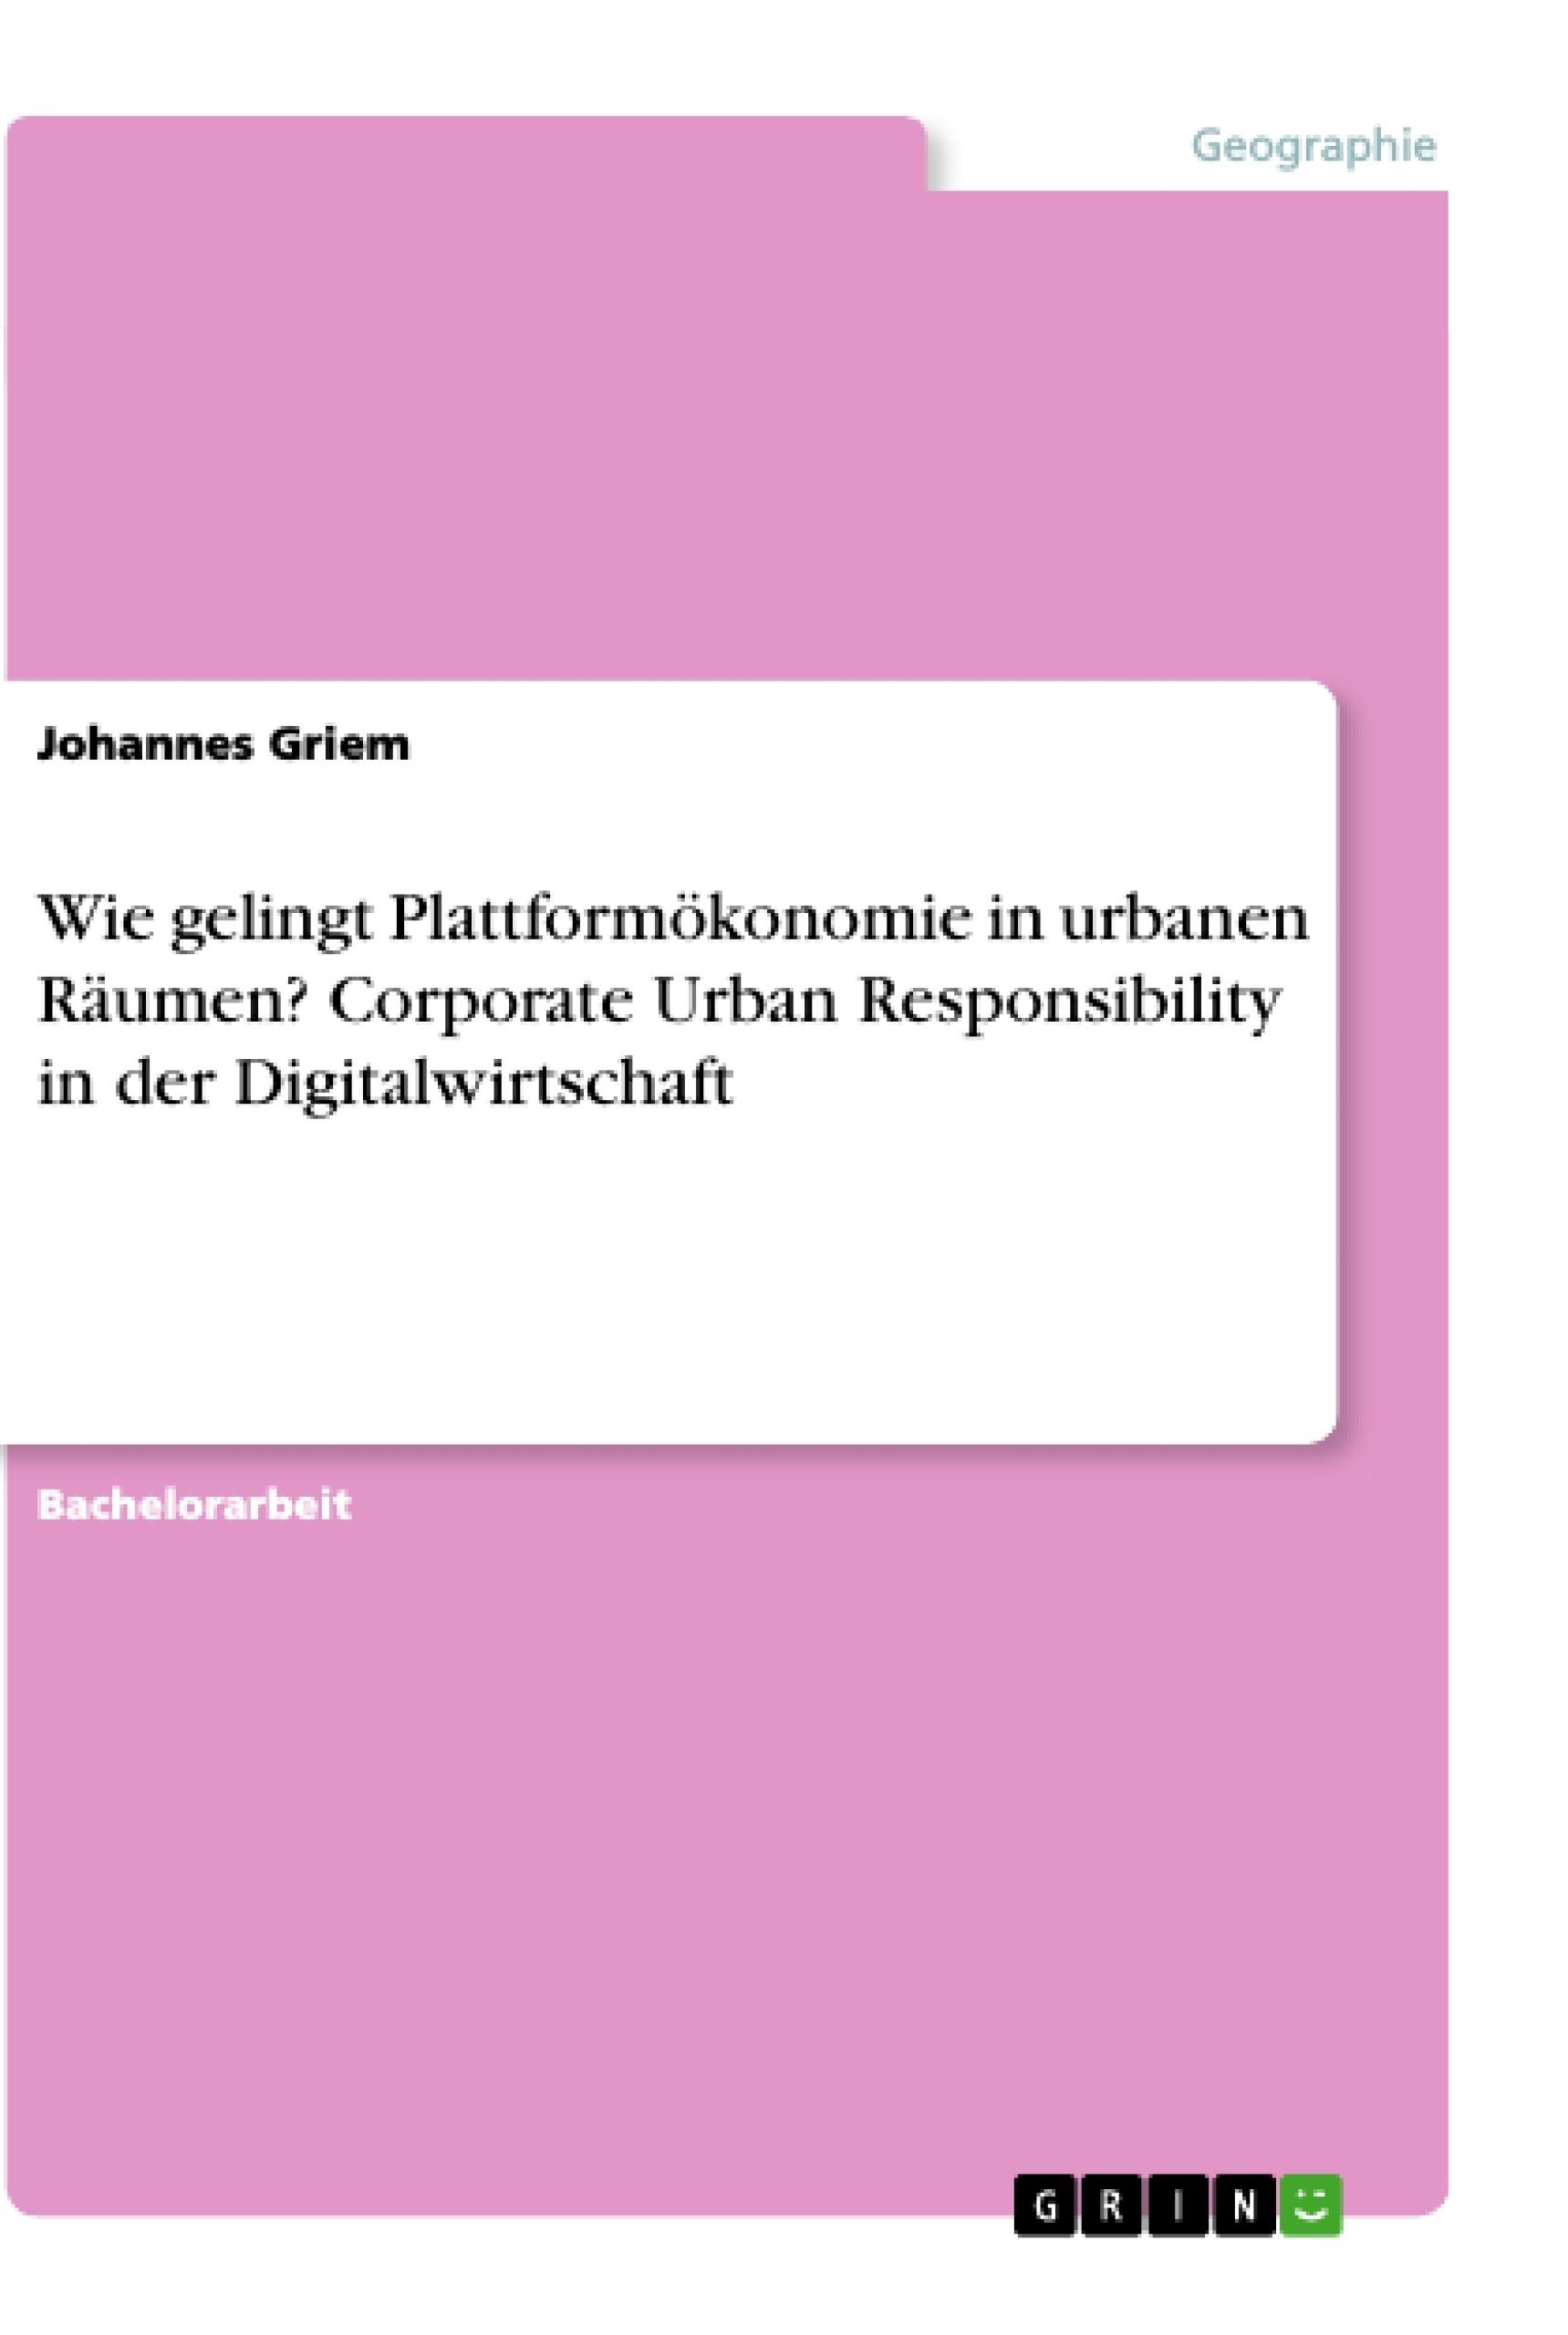 Titel: Wie gelingt Plattformökonomie in urbanen Räumen? Corporate Urban Responsibility in der Digitalwirtschaft